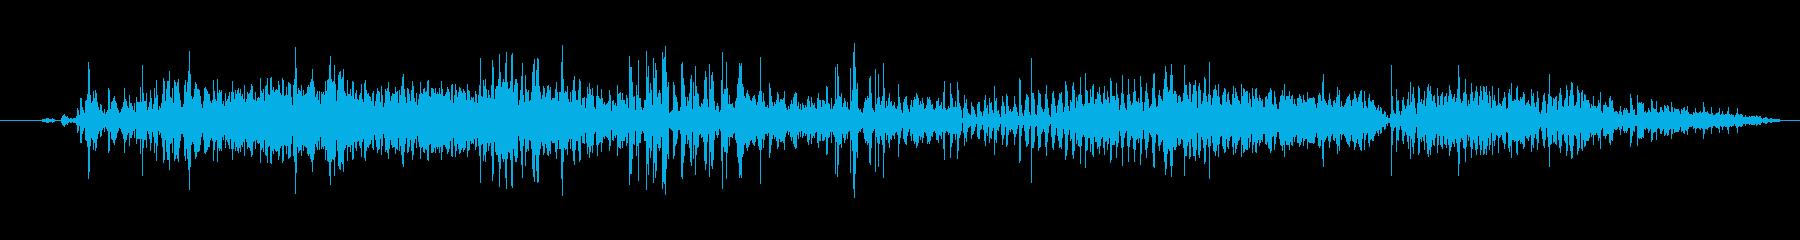 野獣 グラント04の再生済みの波形